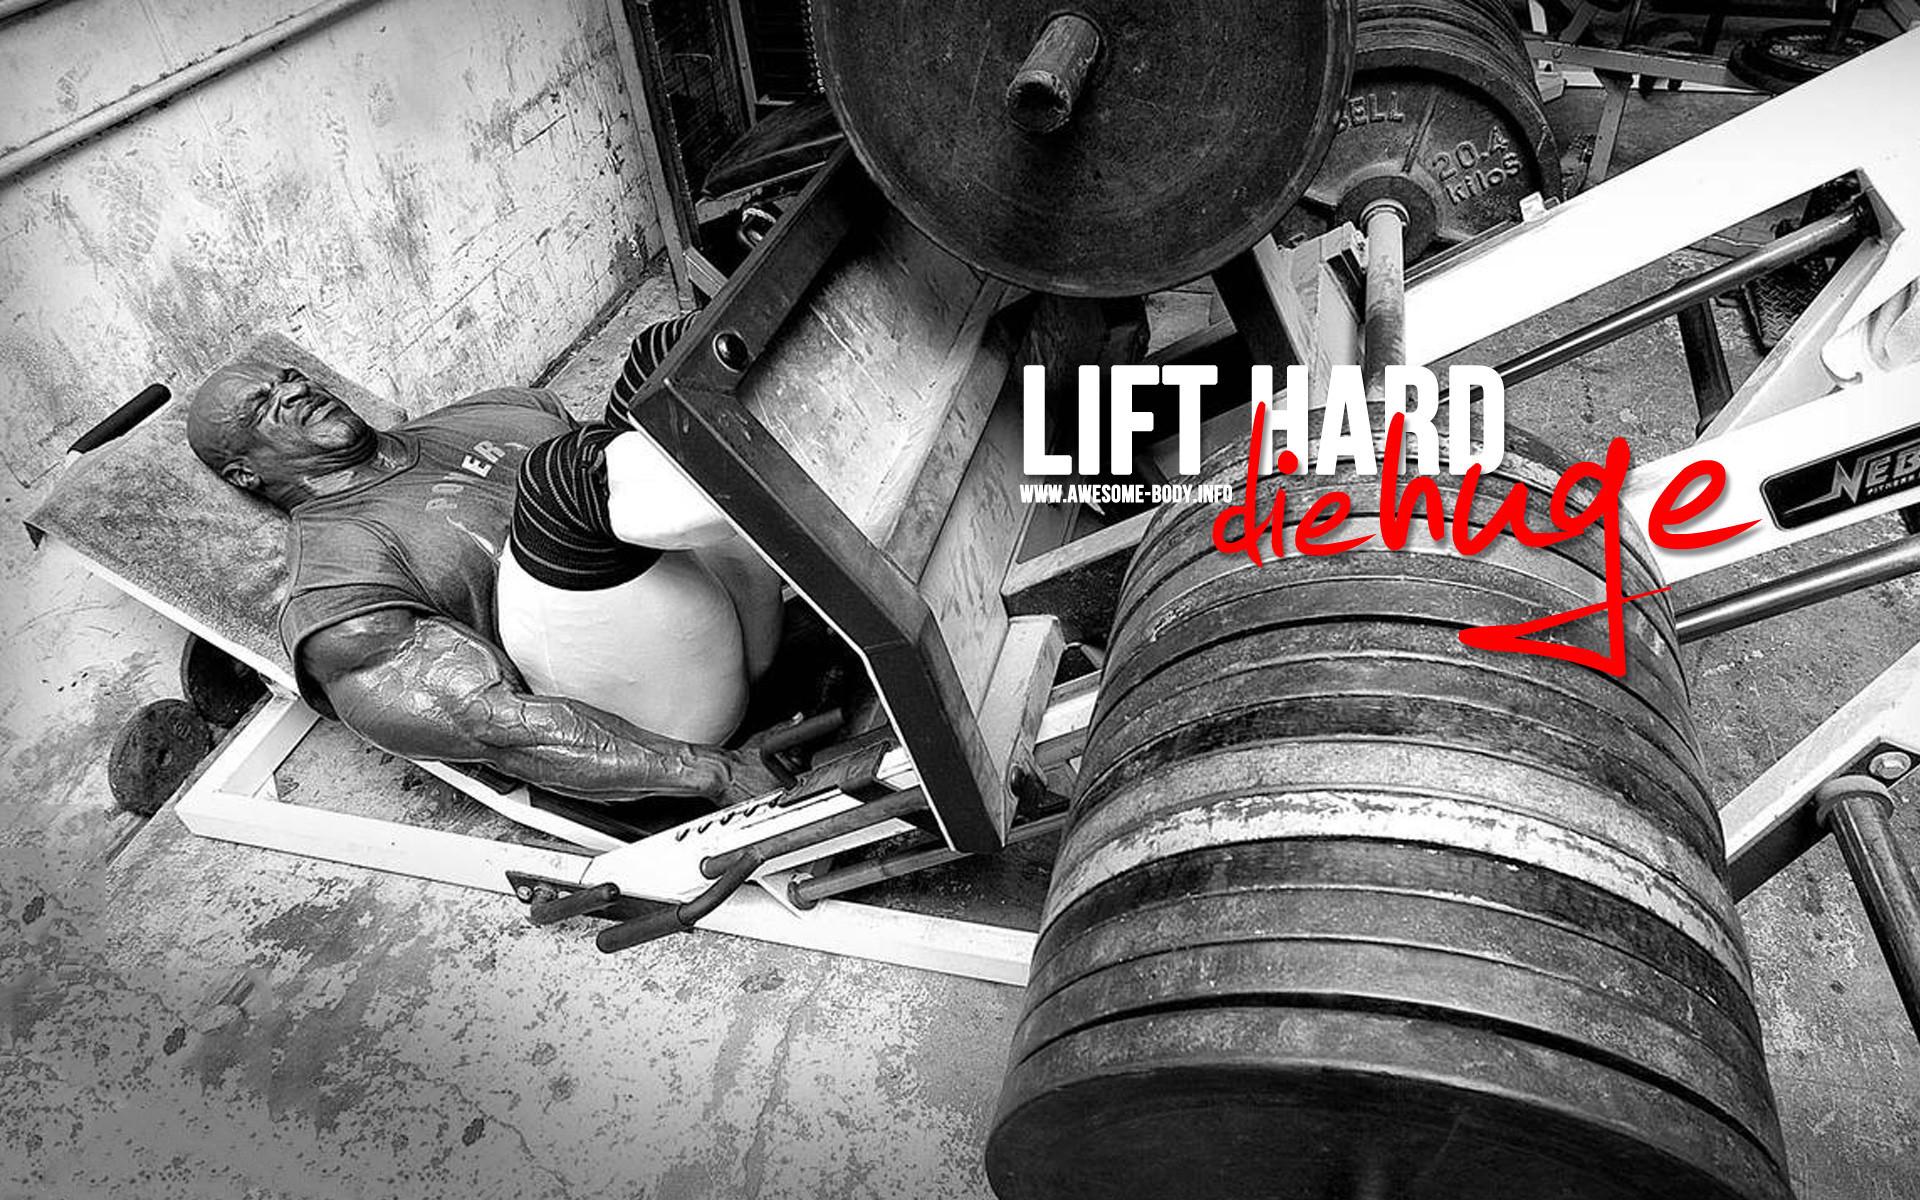 Lift hard die huge